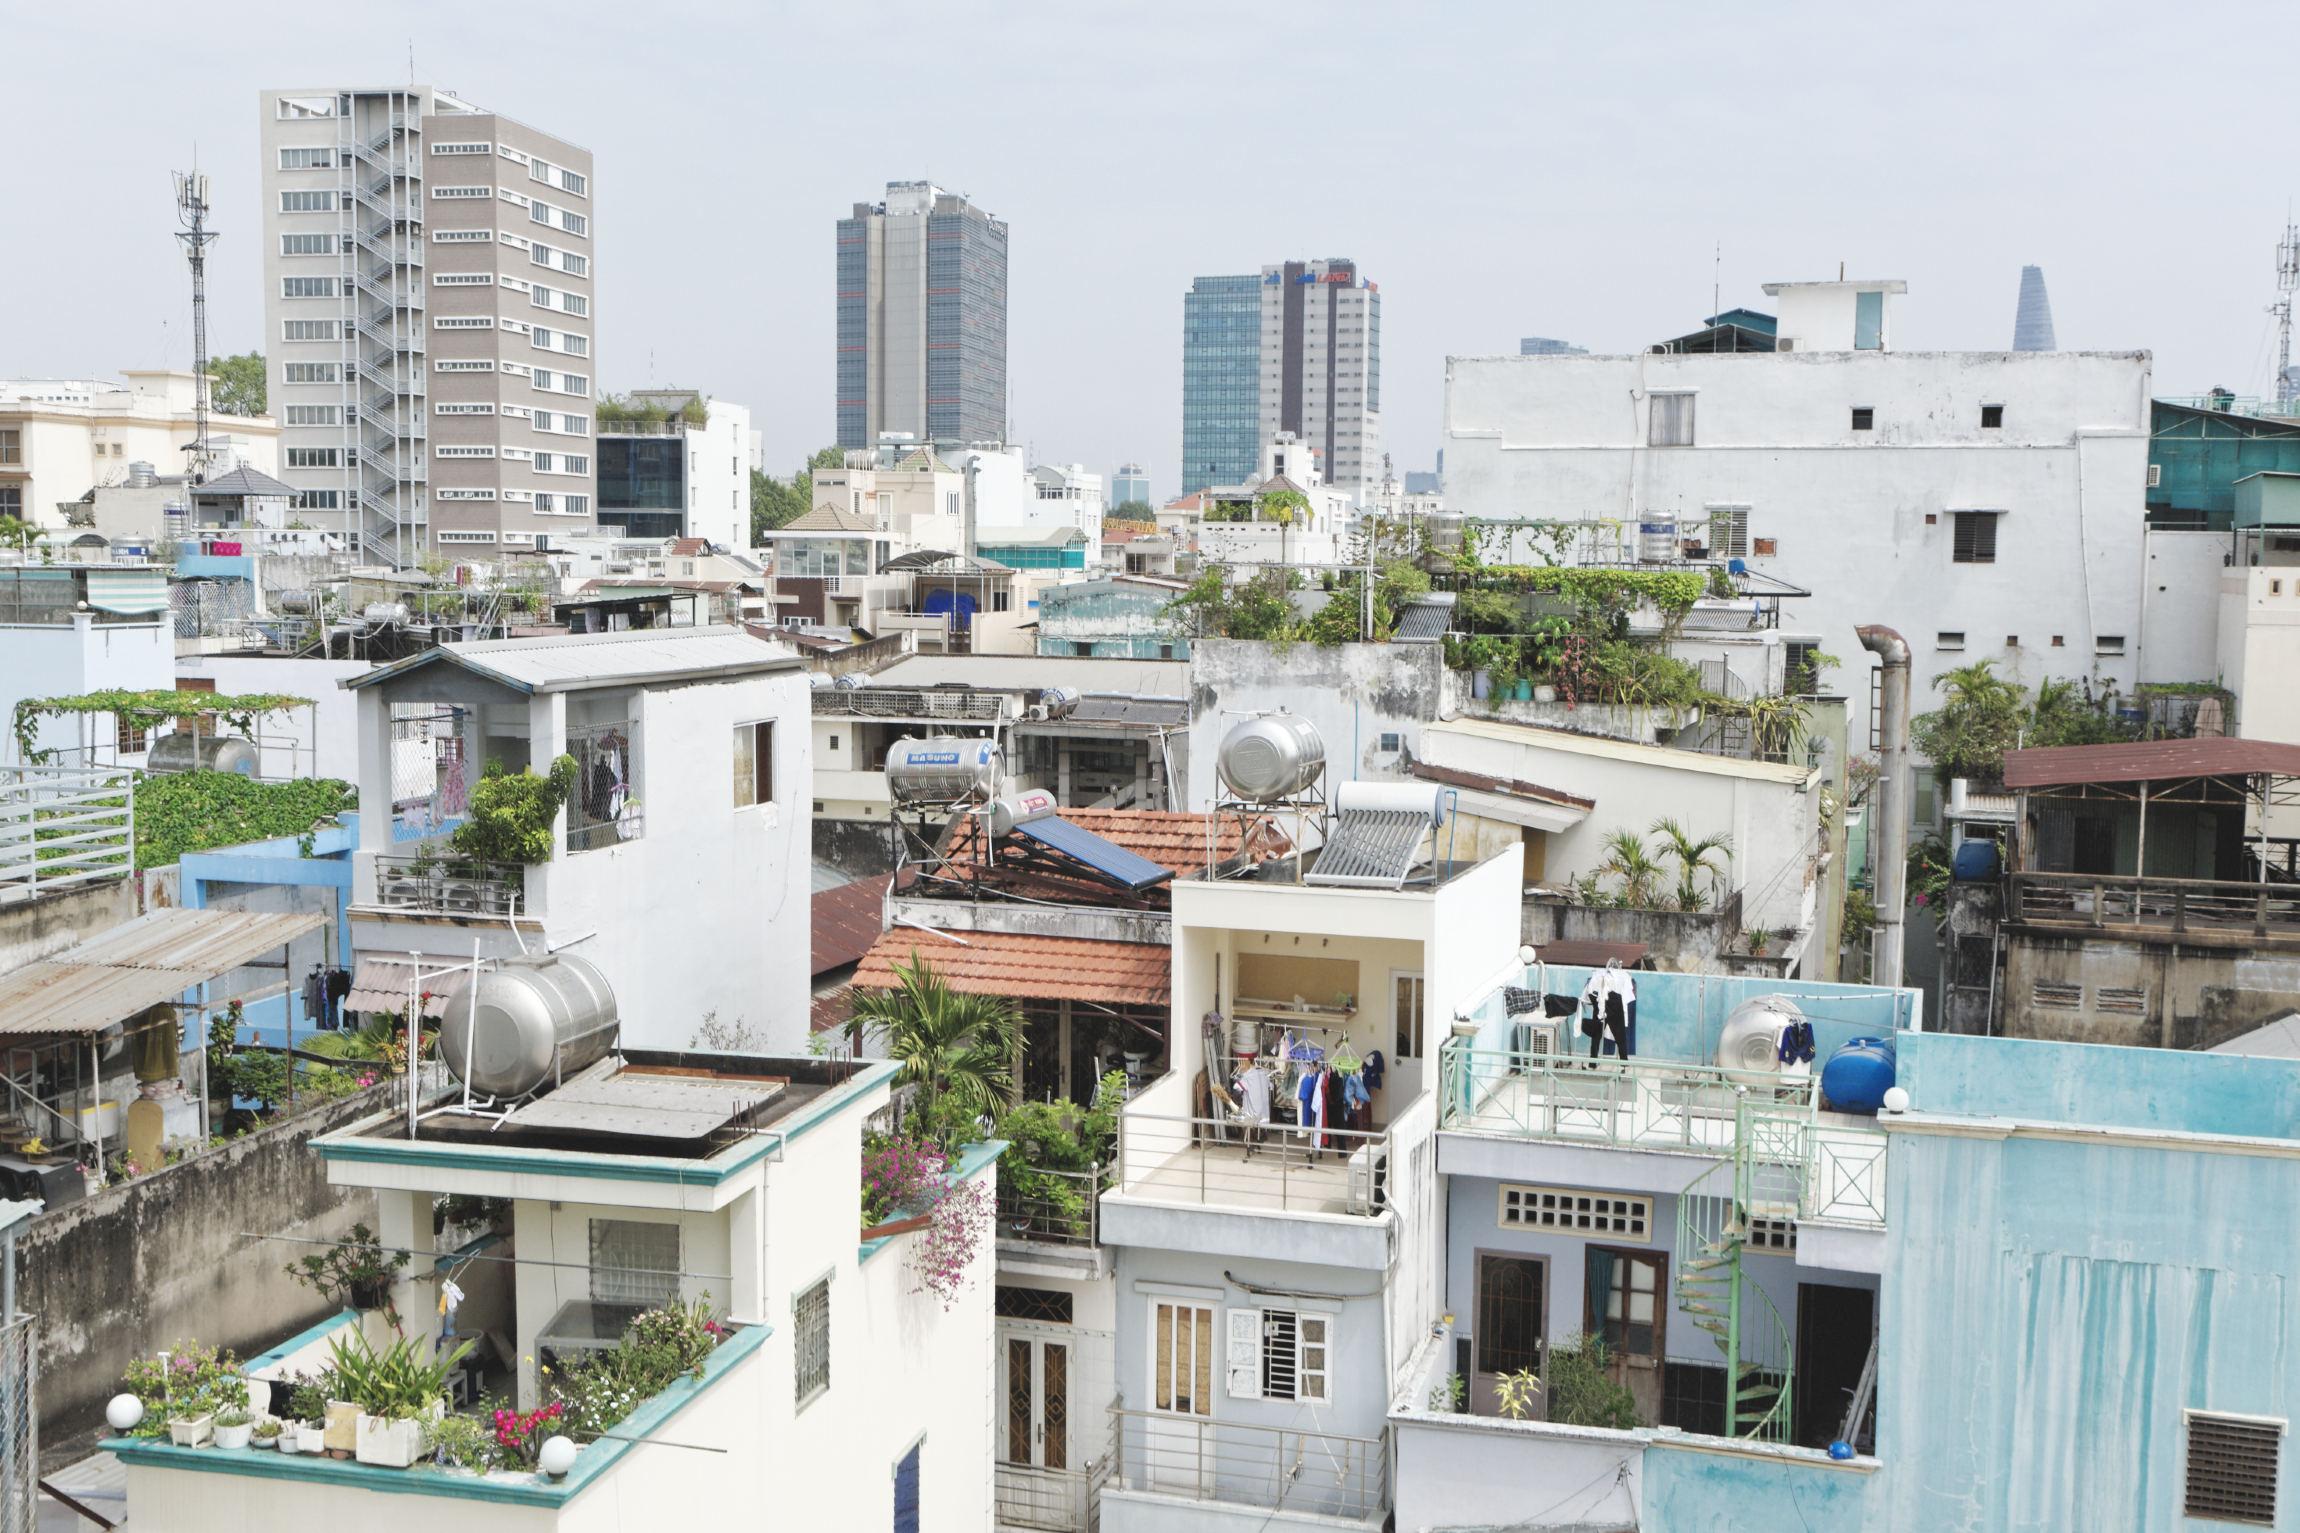 Quartier d'habitation Hô Chi Minh Ville Saigon